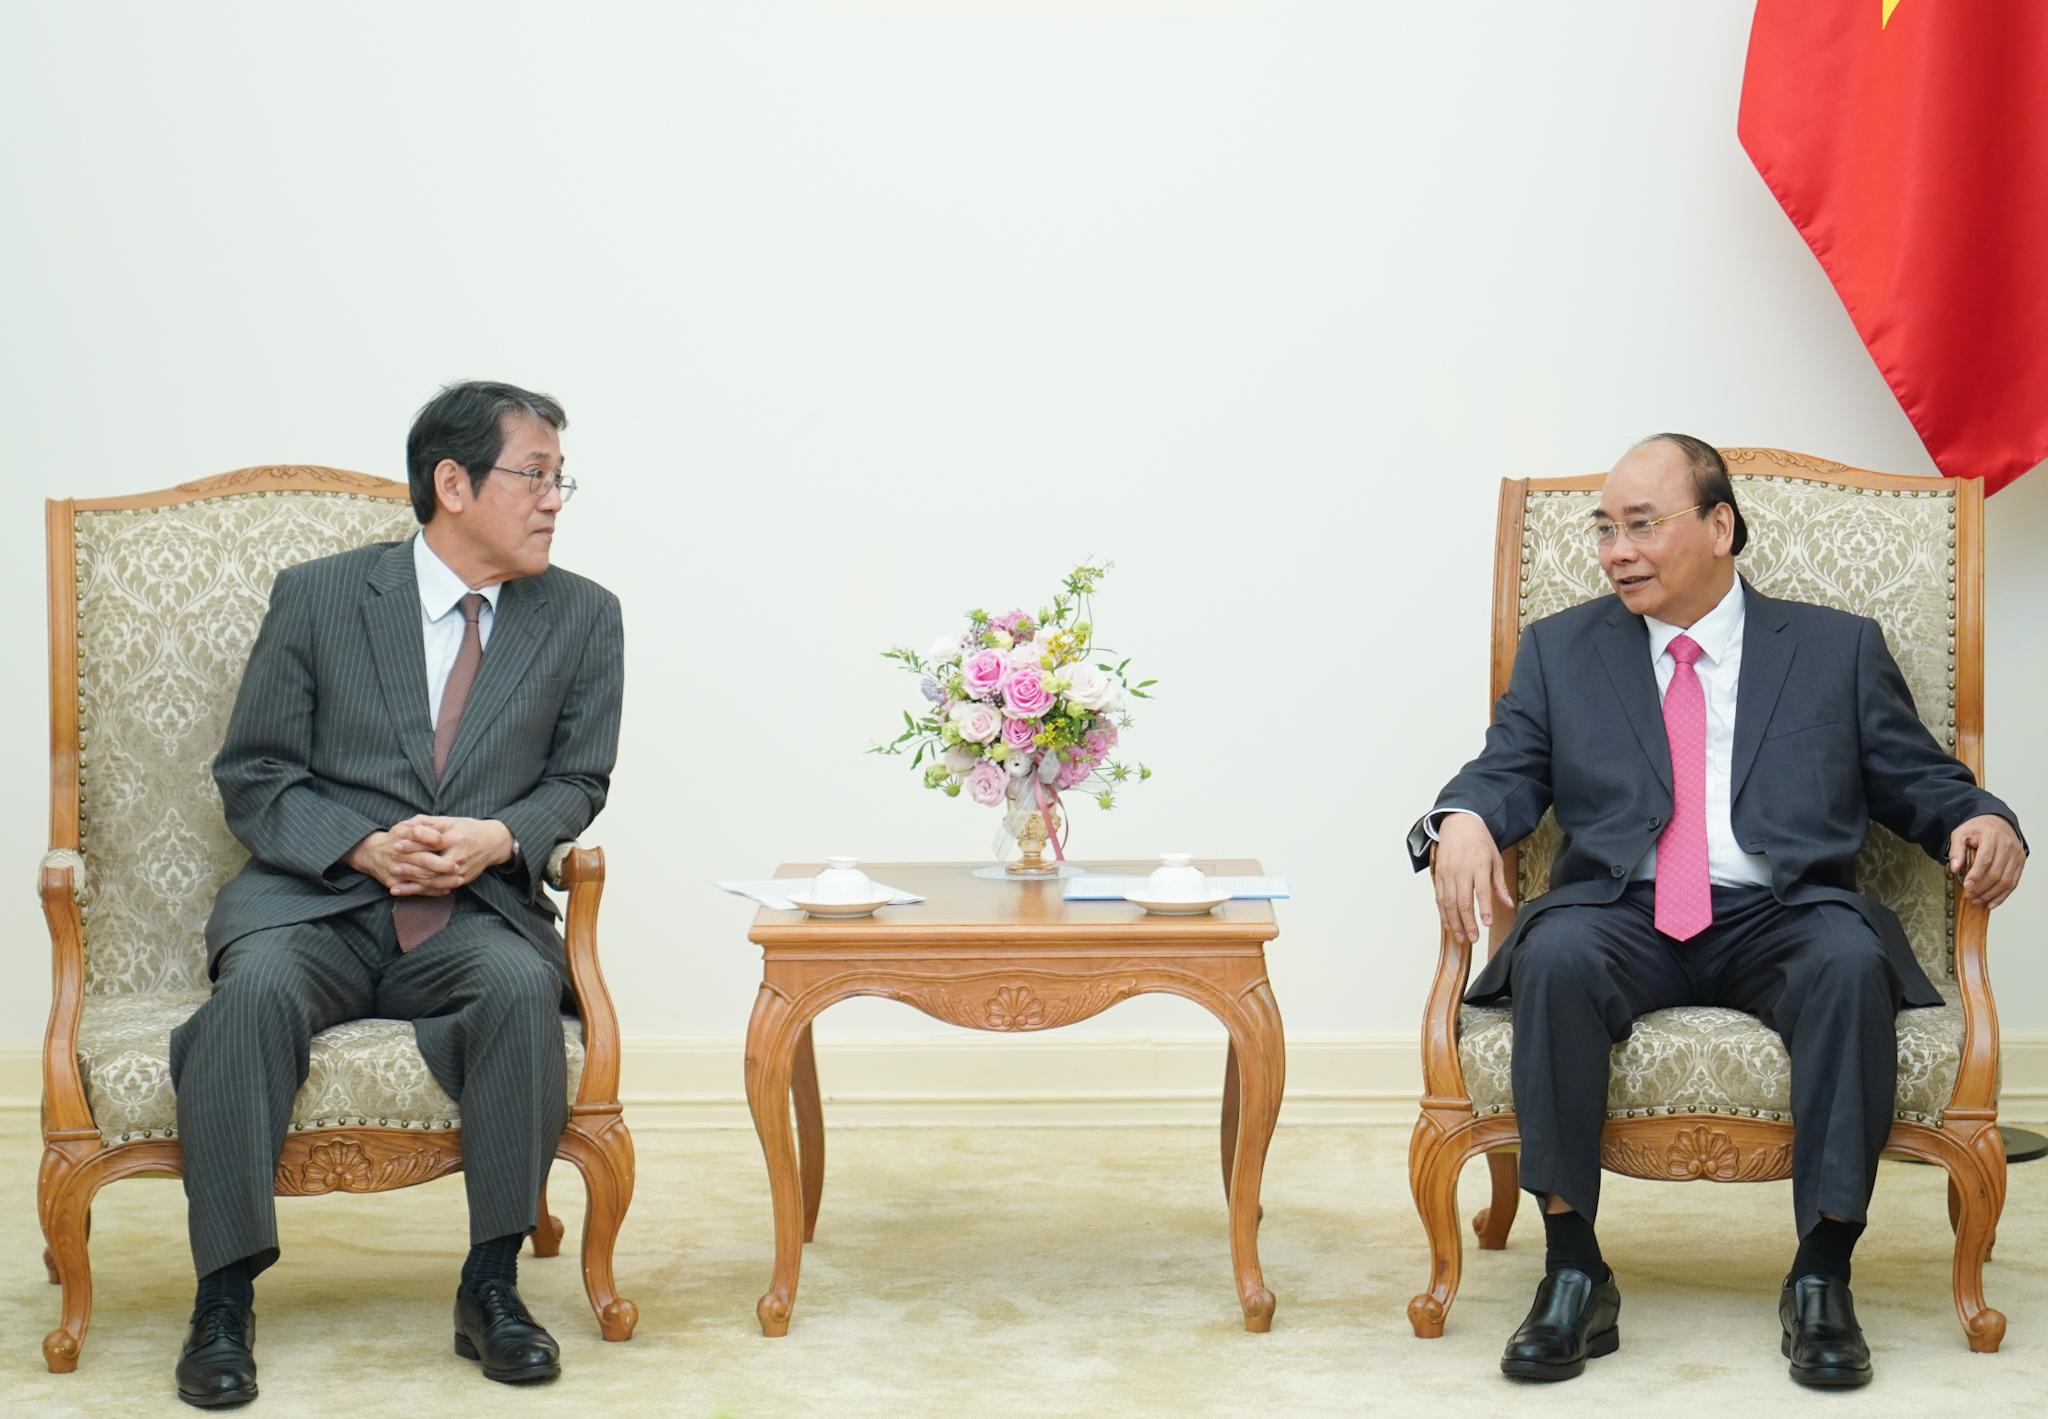 Thủ tướng Nguyễn Xuân Phúc tiếp ông Kunio Umeda, Đại sứ Nhật Bản tại Việt Nam. Ảnh: VGP/Quang Hiếu